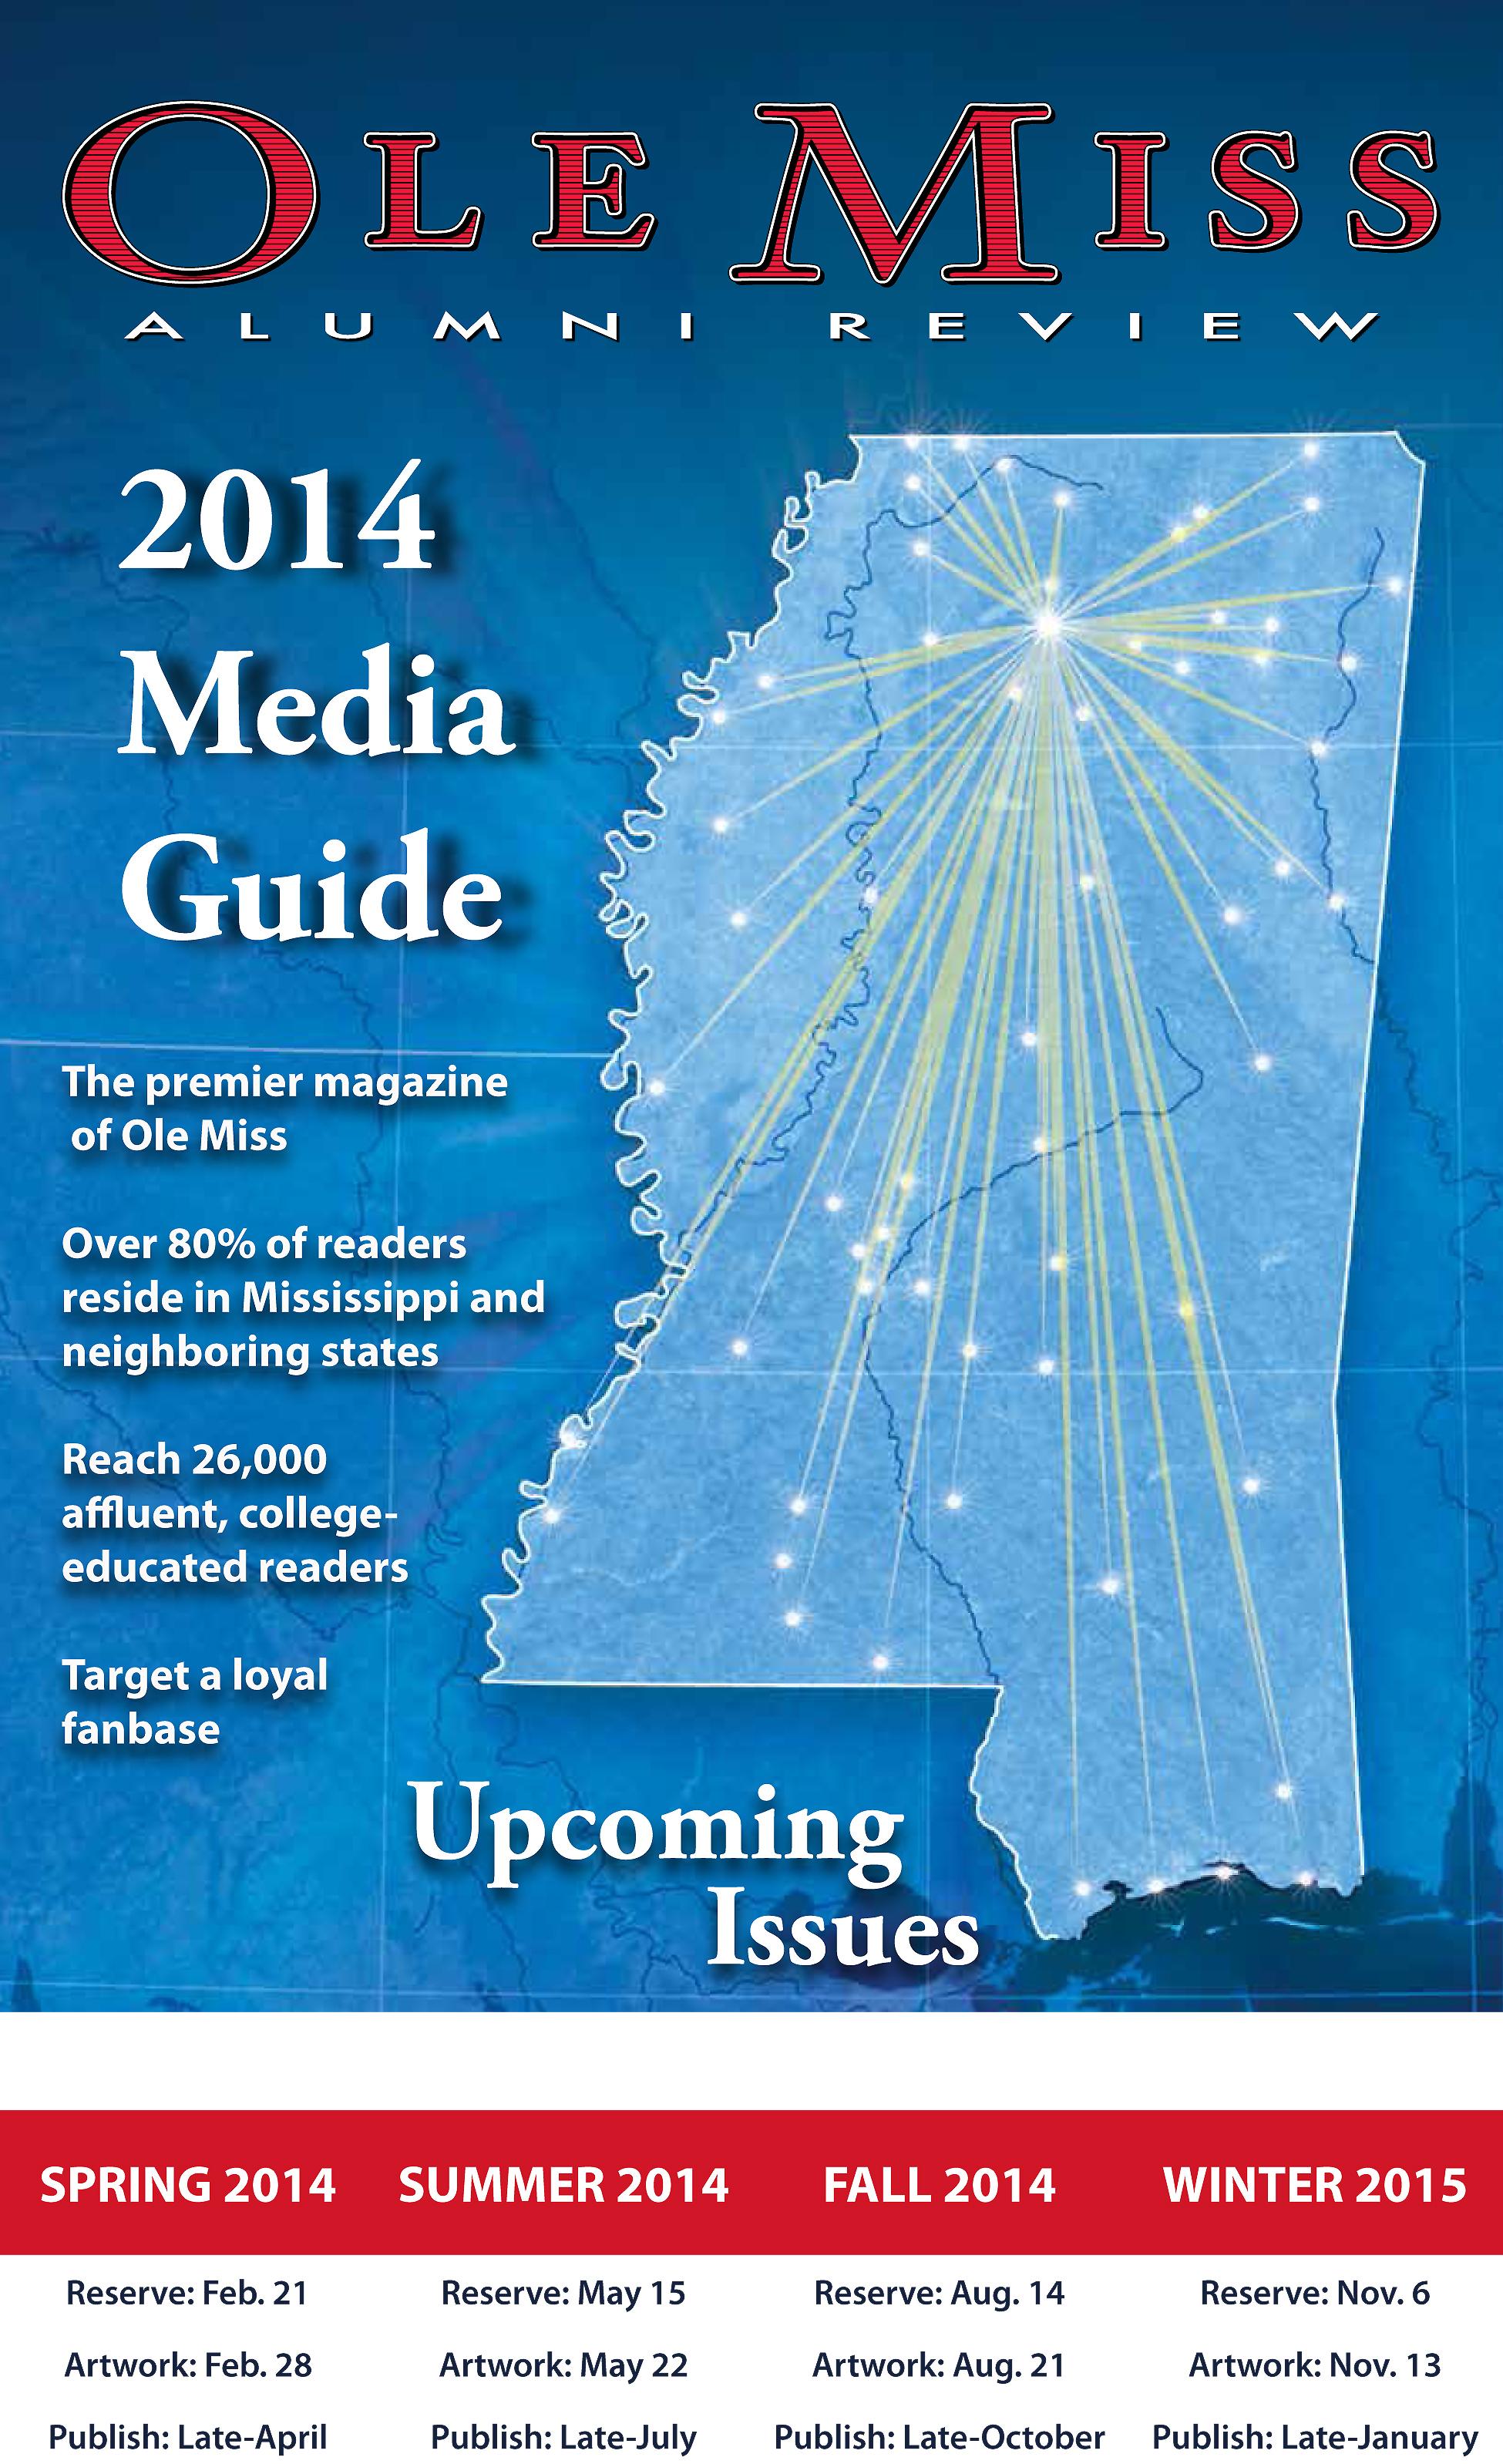 2014 Media Guide